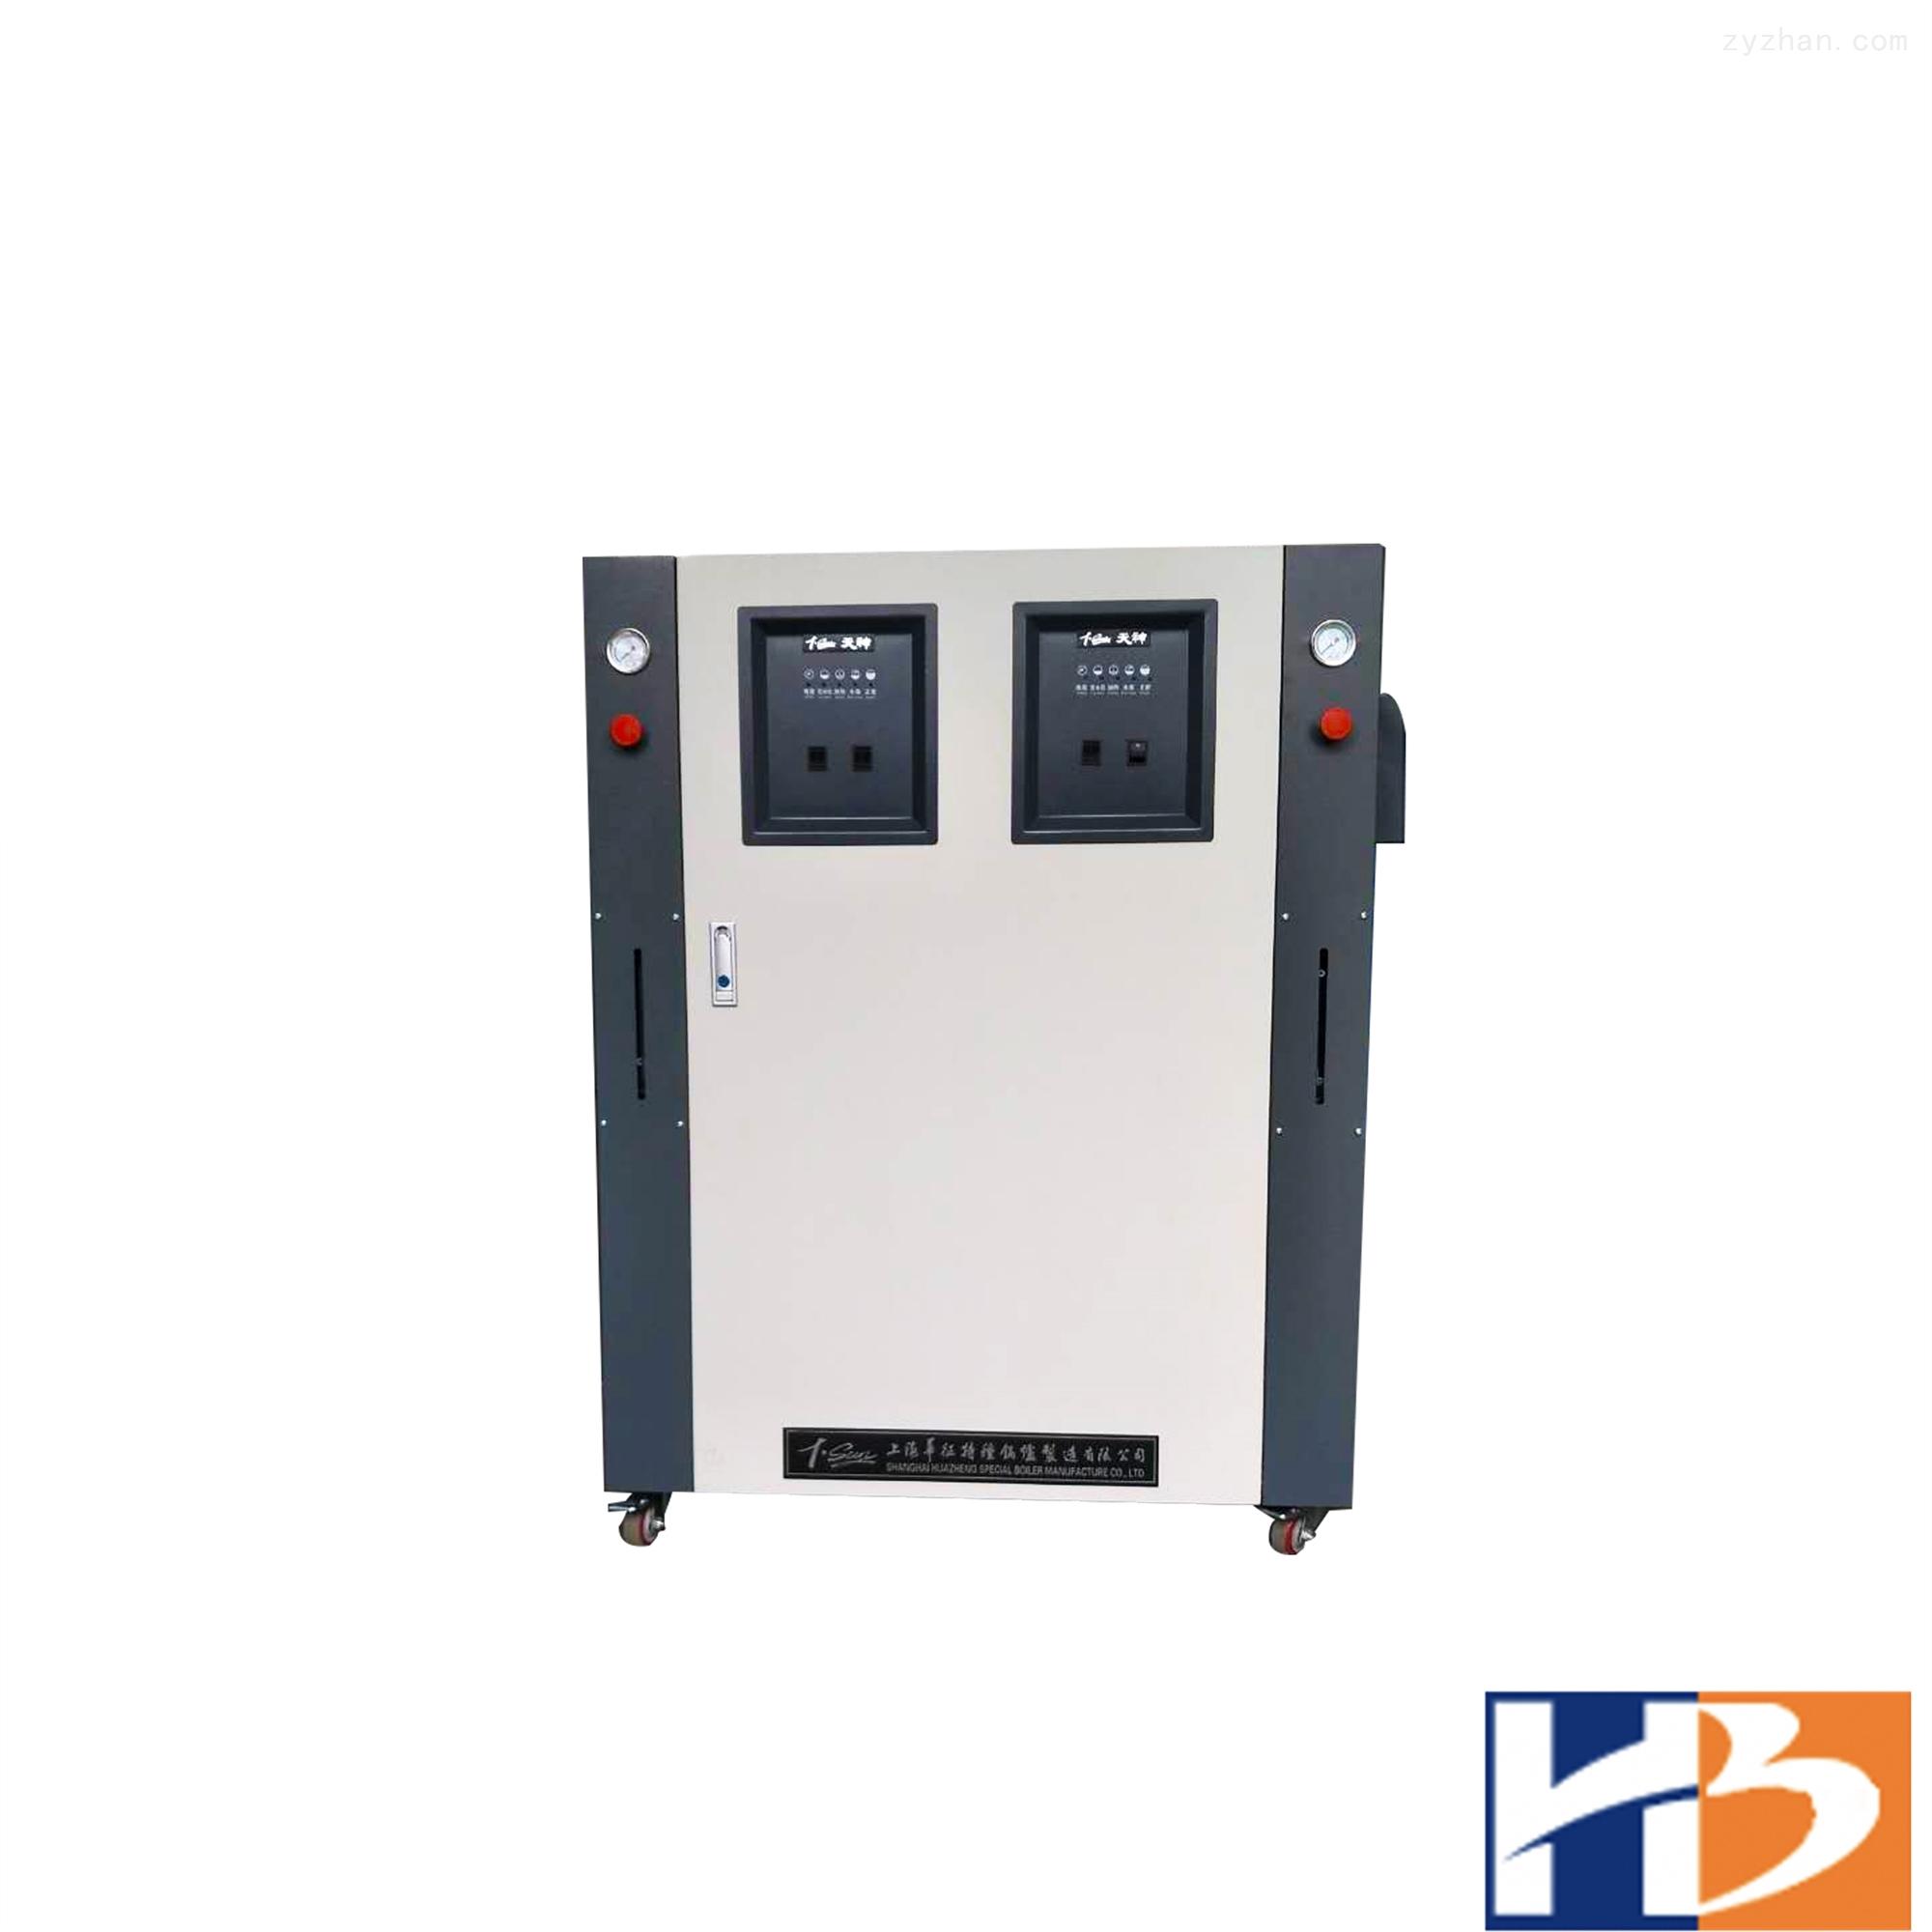 供应天神牌全自动电锅炉、蒸汽发生器HX-210D-0.7